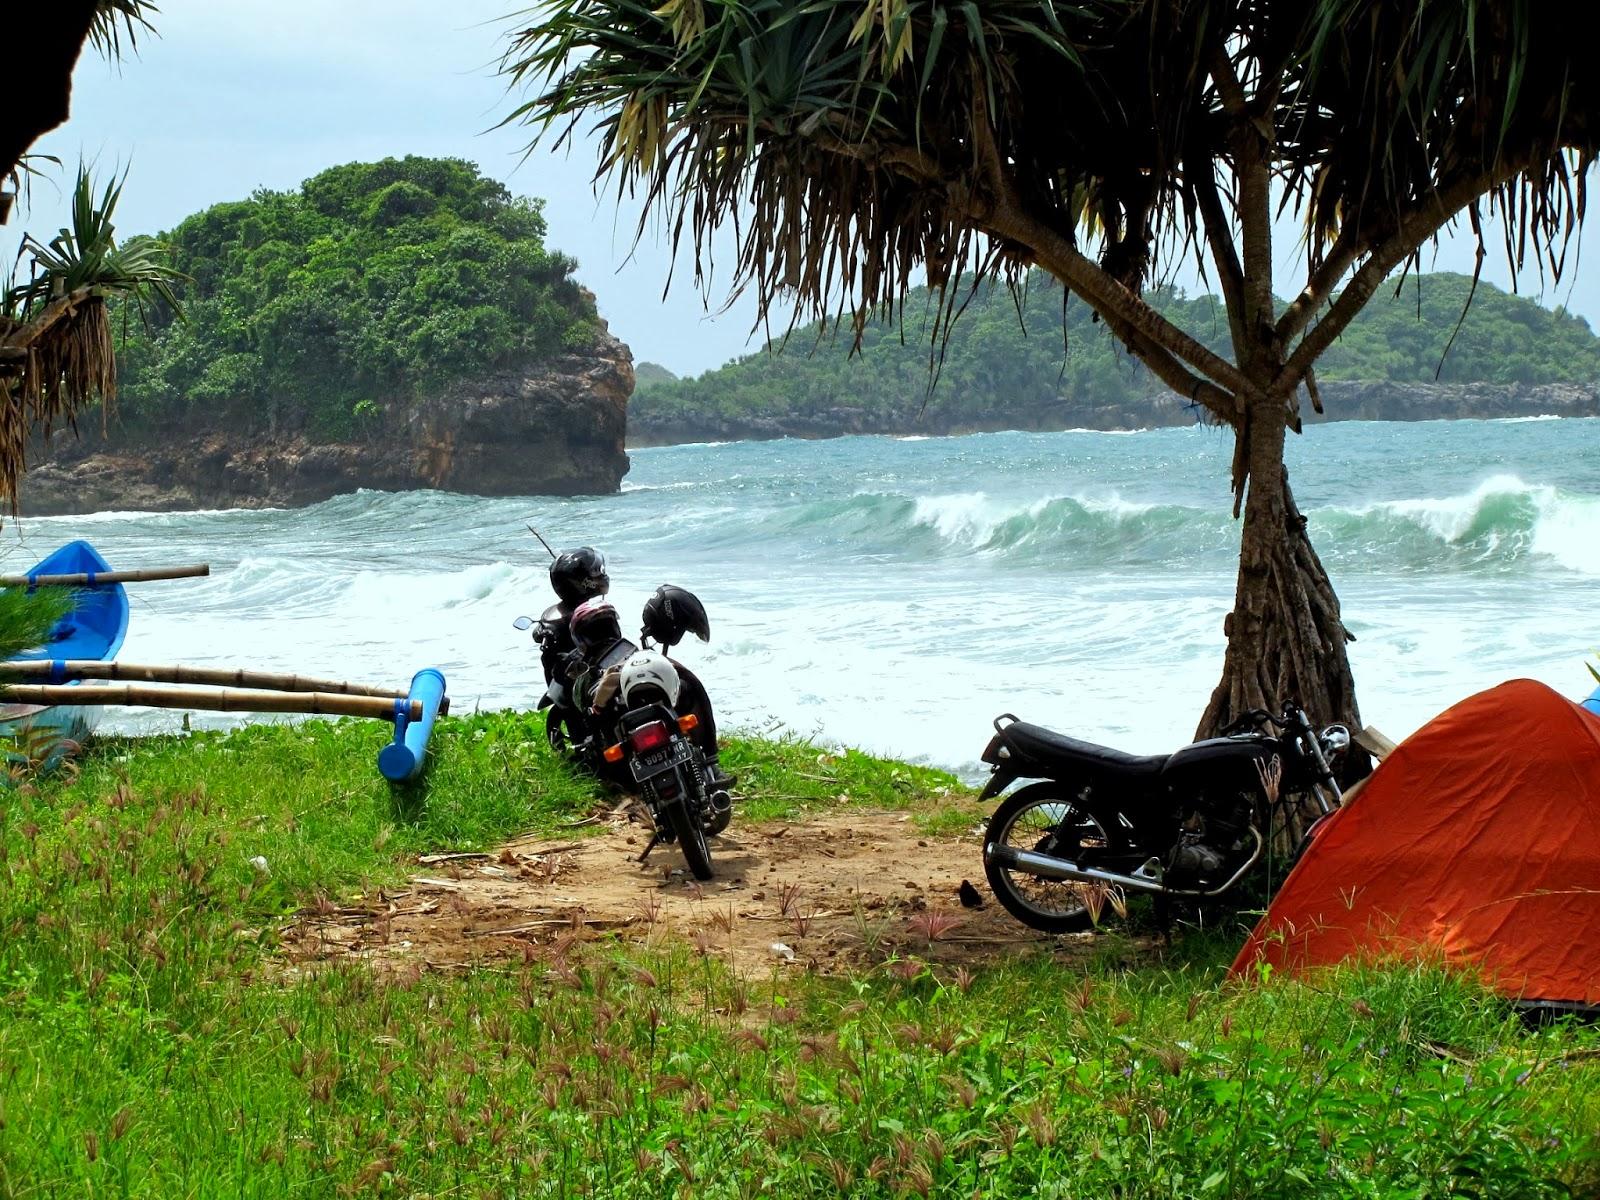 Pantai Pasir Putih Peh Pulo Blitar Haya Zone Merasakan Deburan